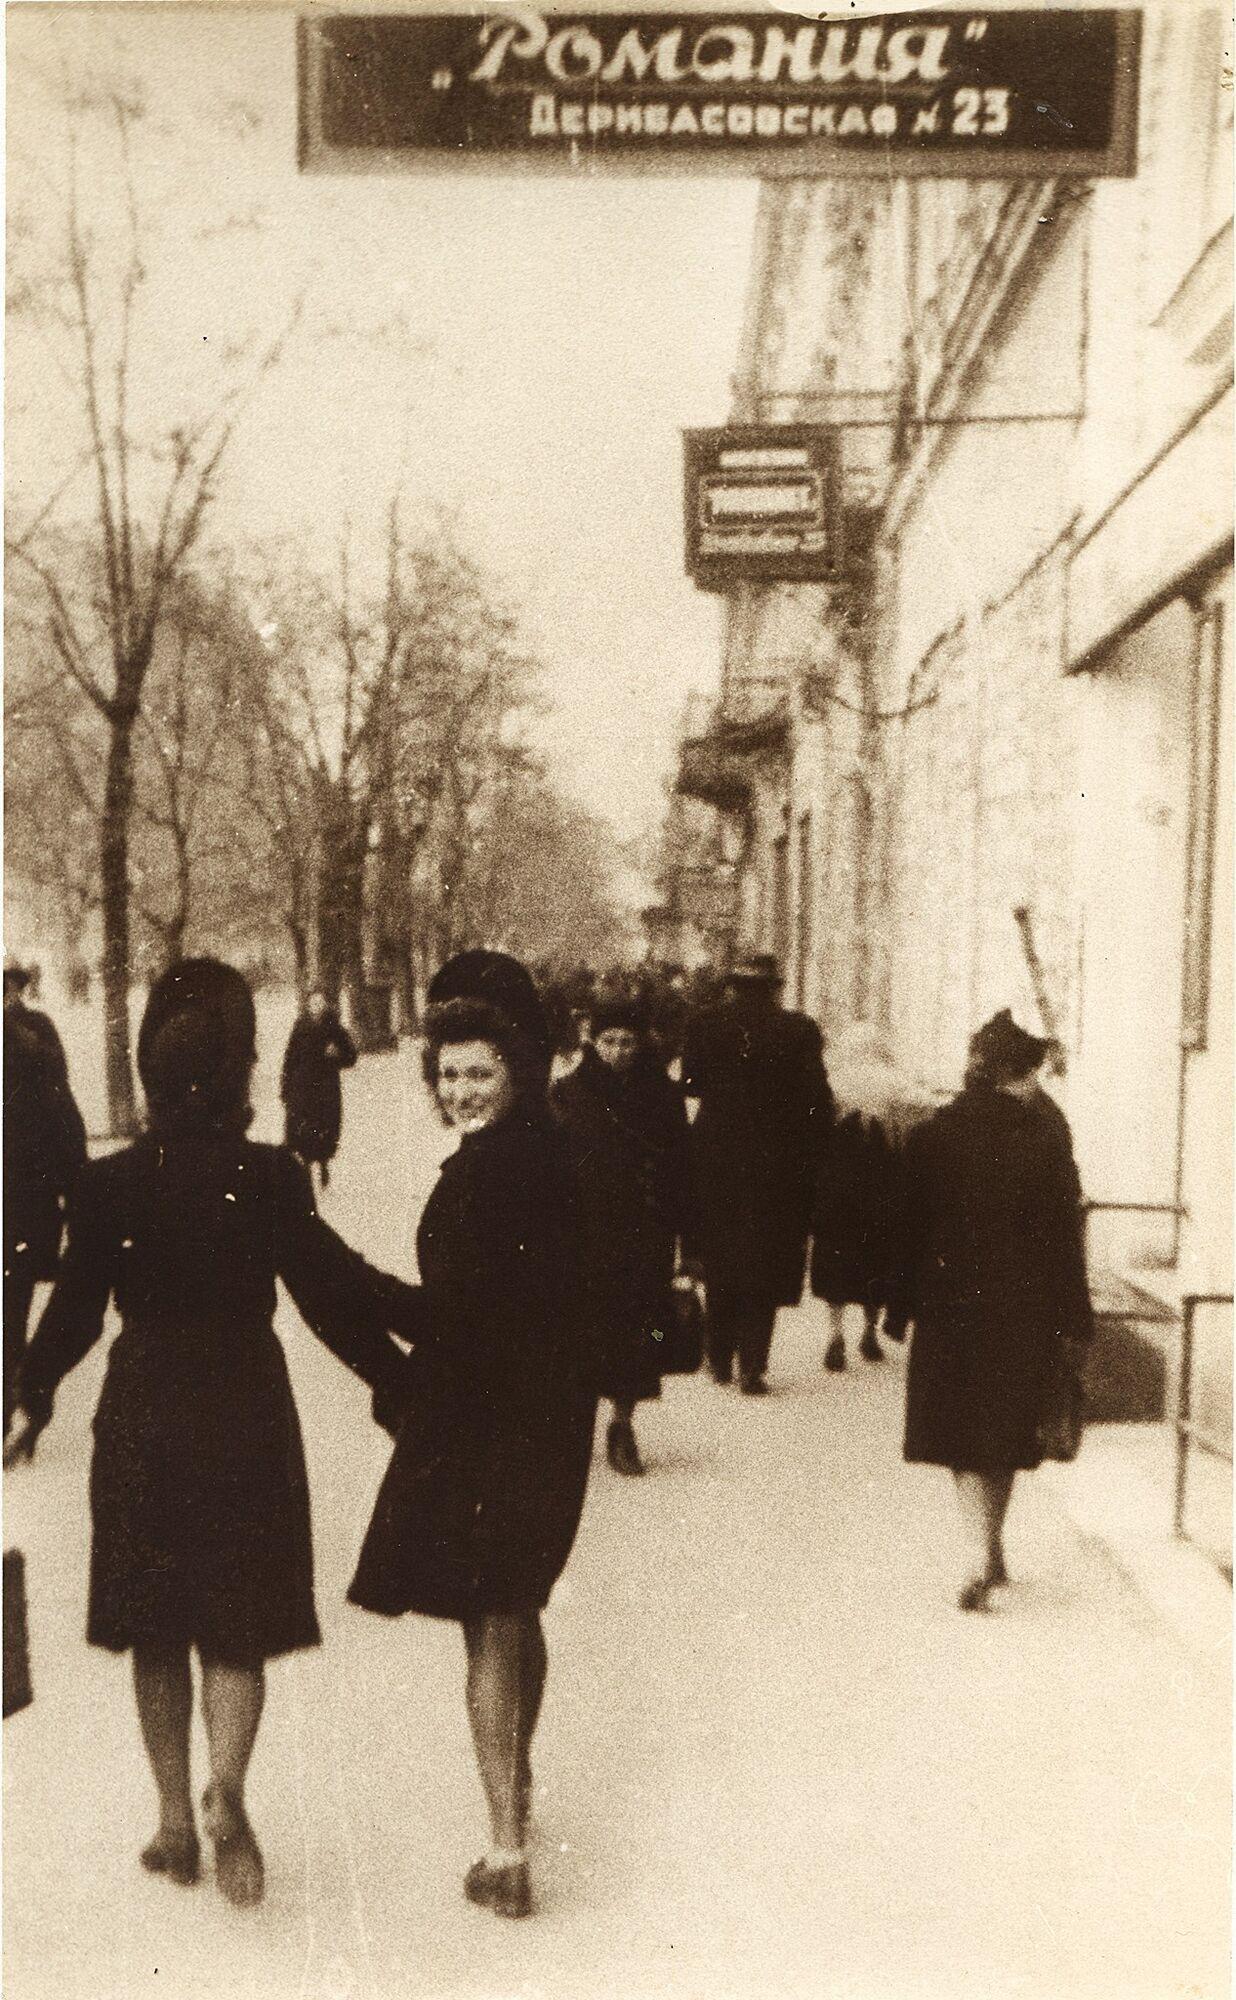 Дерибасовская периода румынской оккупации, ноябрь 1943 г.